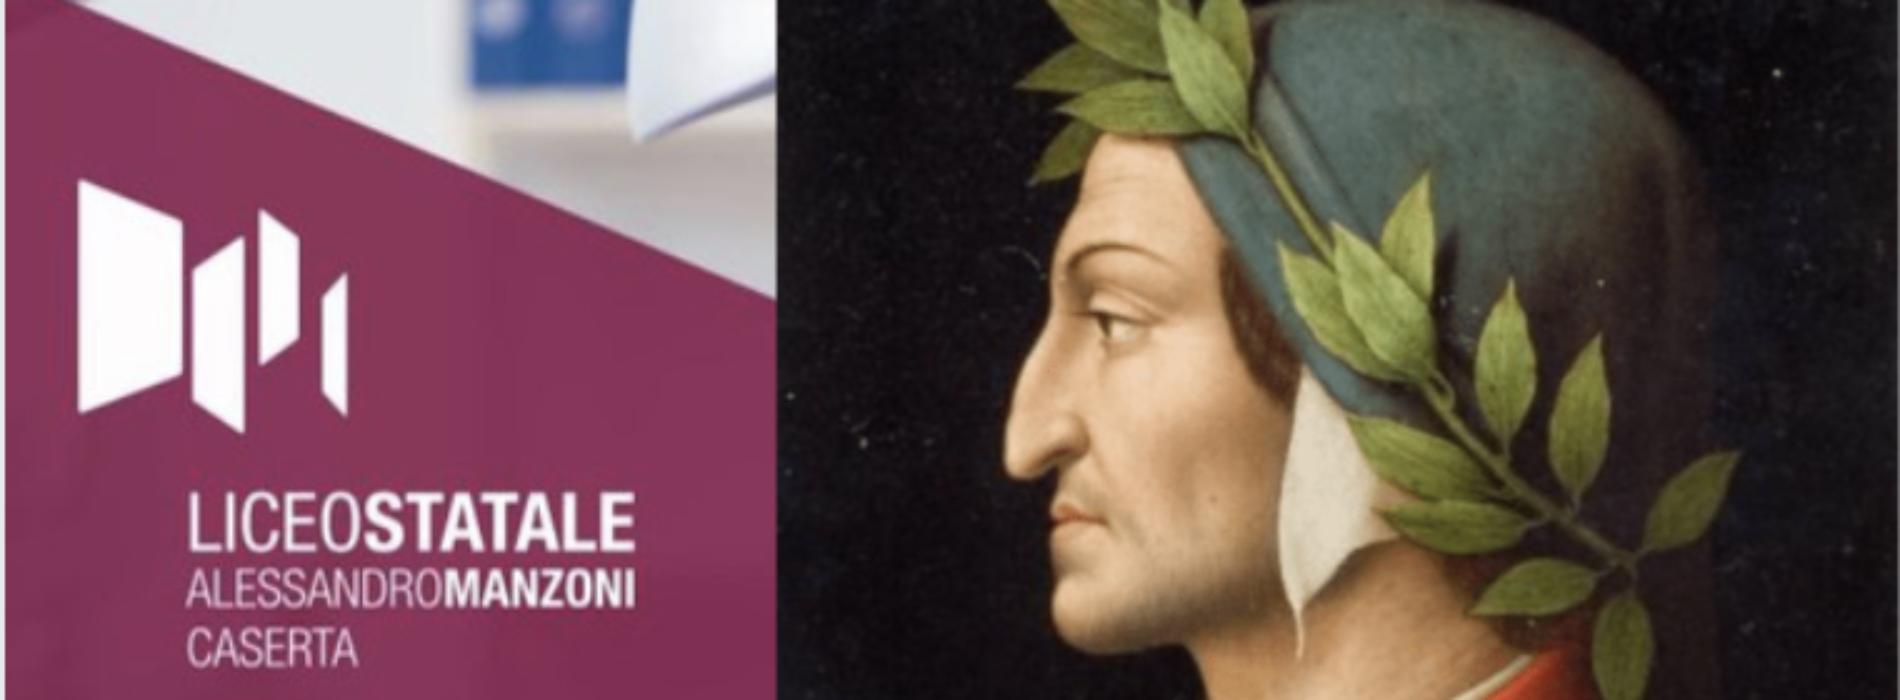 Il Campus Manzoni va in Paradiso, iniziano i webinar su Dante